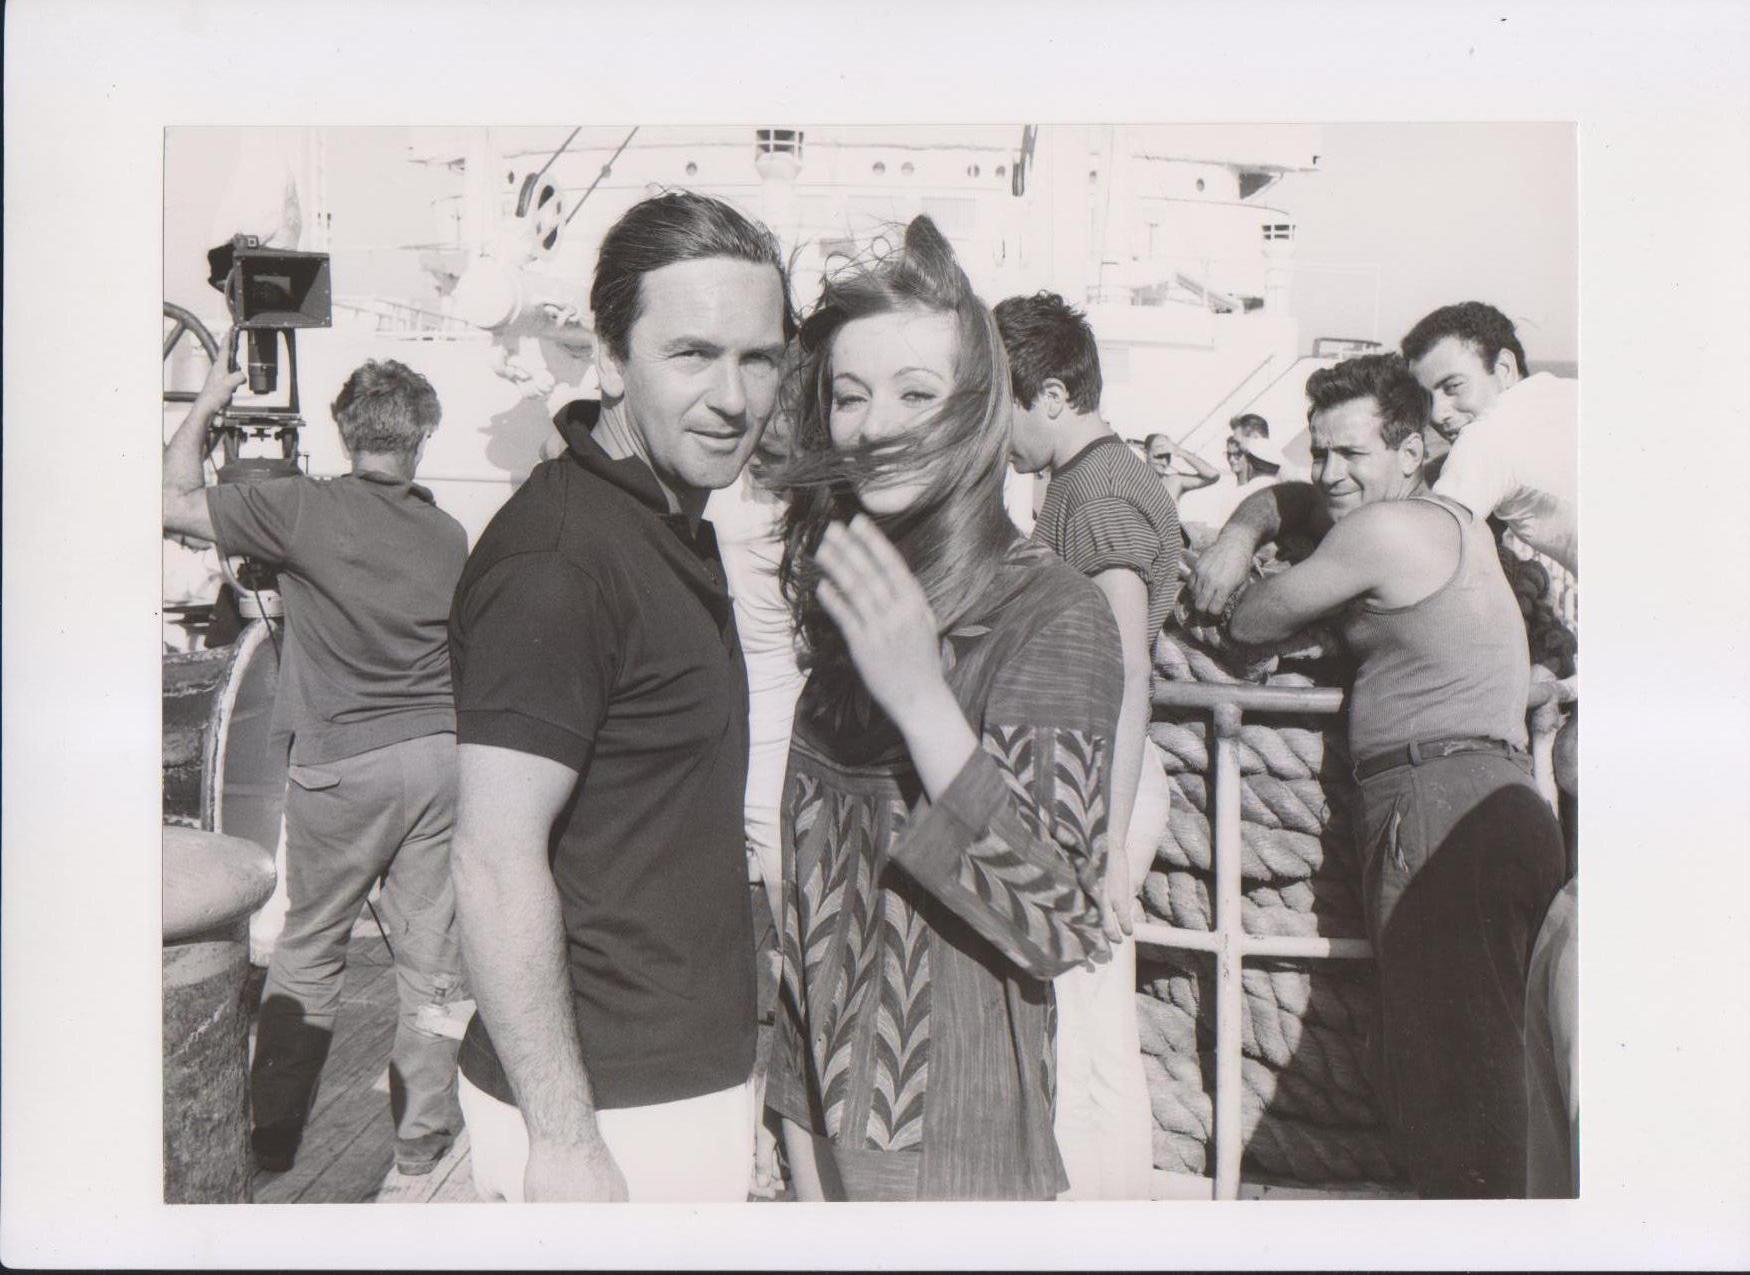 """Cavara e Delia Boccardo in Estremo Oriente sul set di """"Occhio selvaggio"""" (1966) - (Foto archivio privato Pietro Cavara)"""